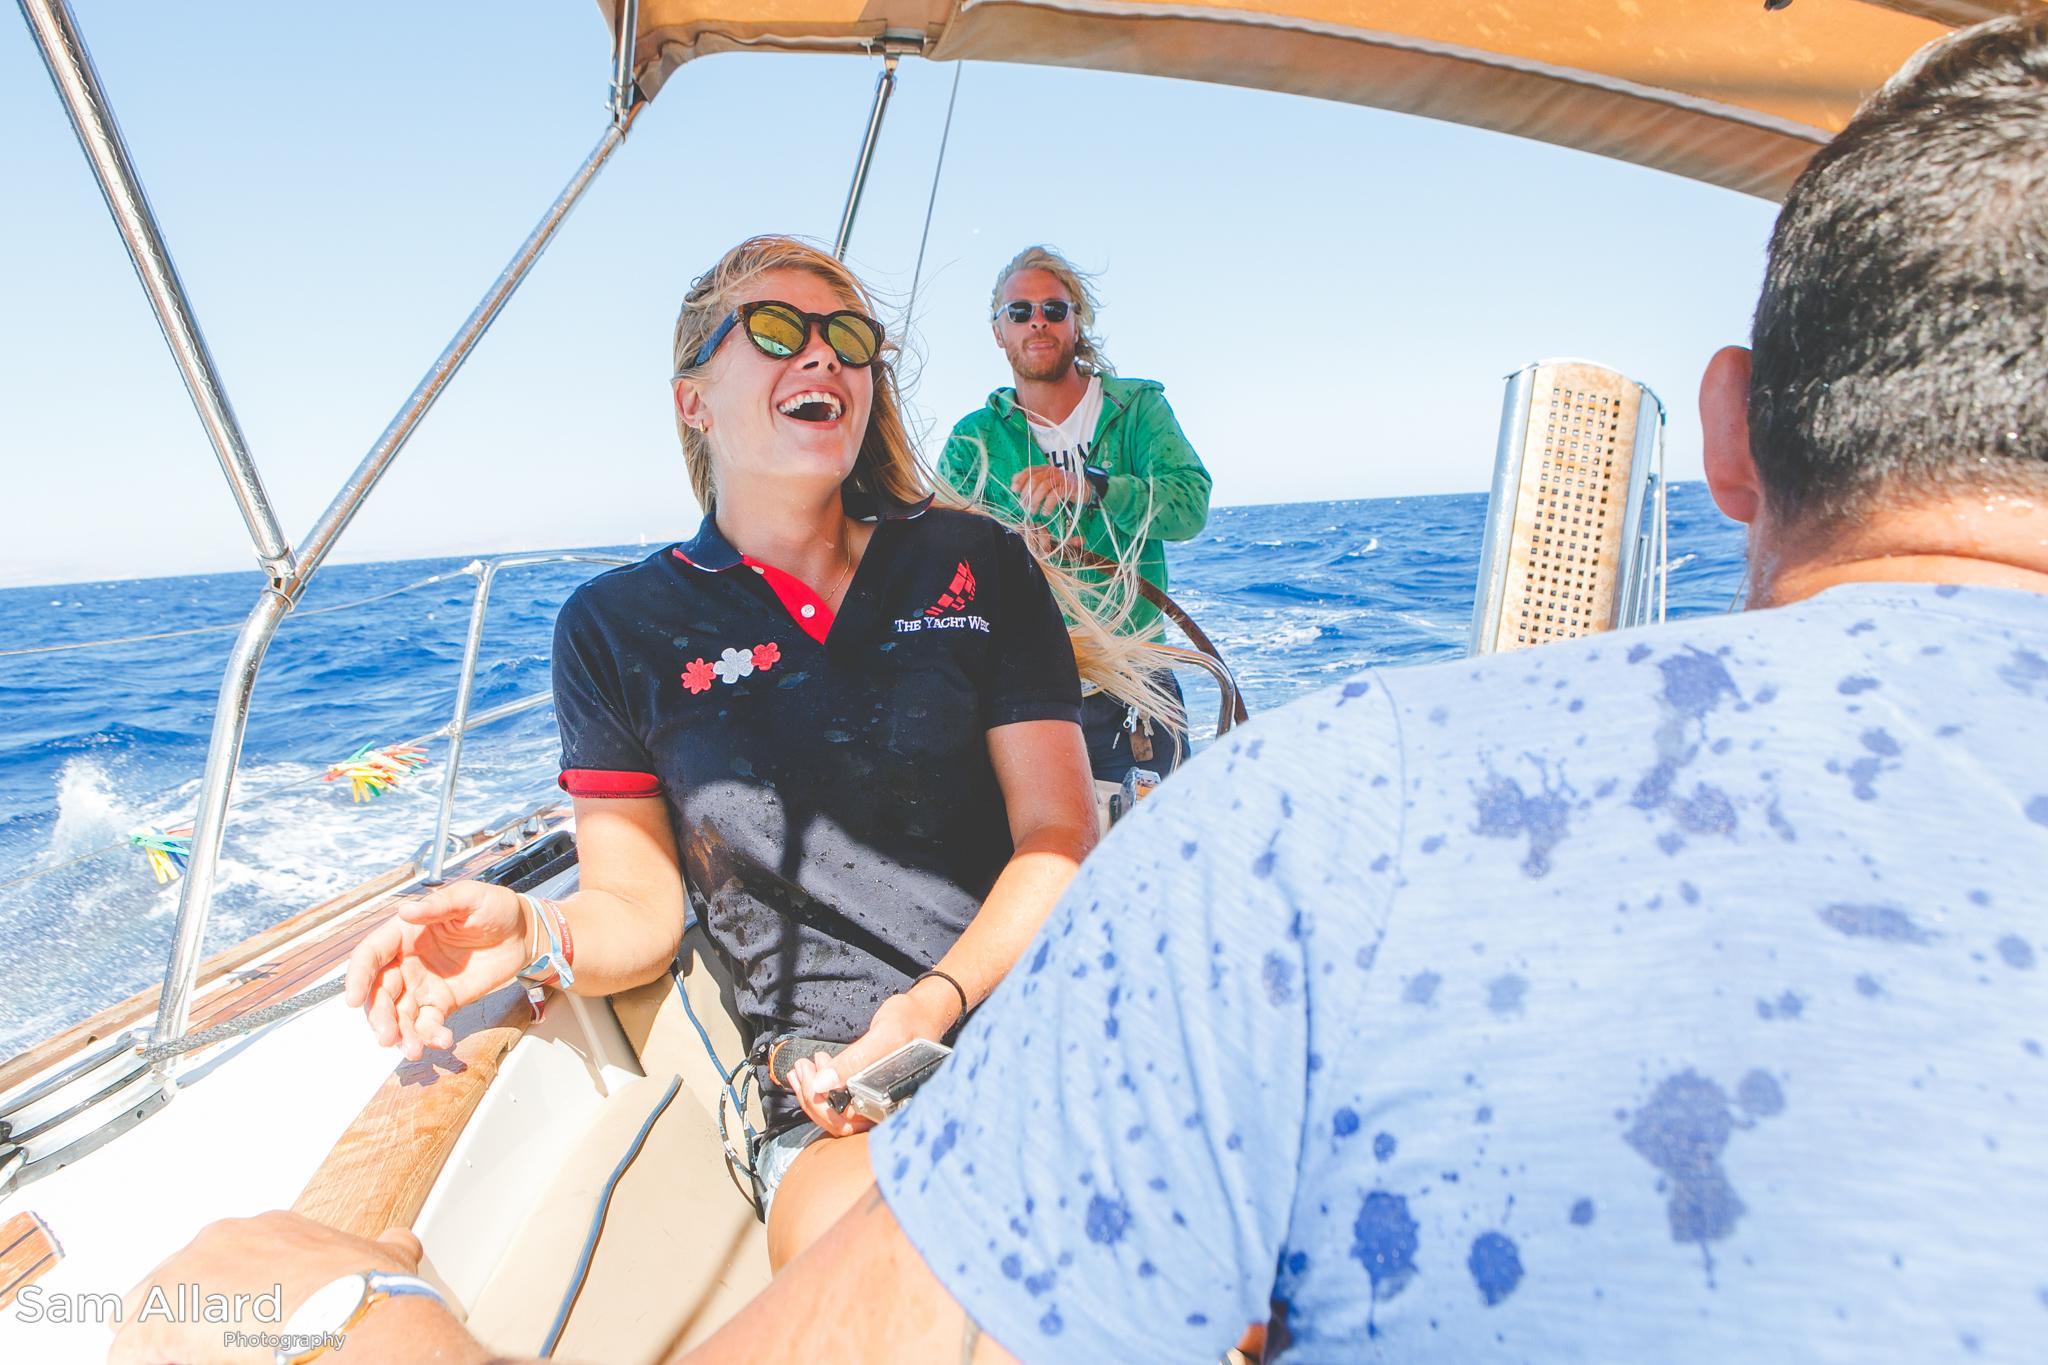 SamAllard_YachtWeek_Week33_172.jpg